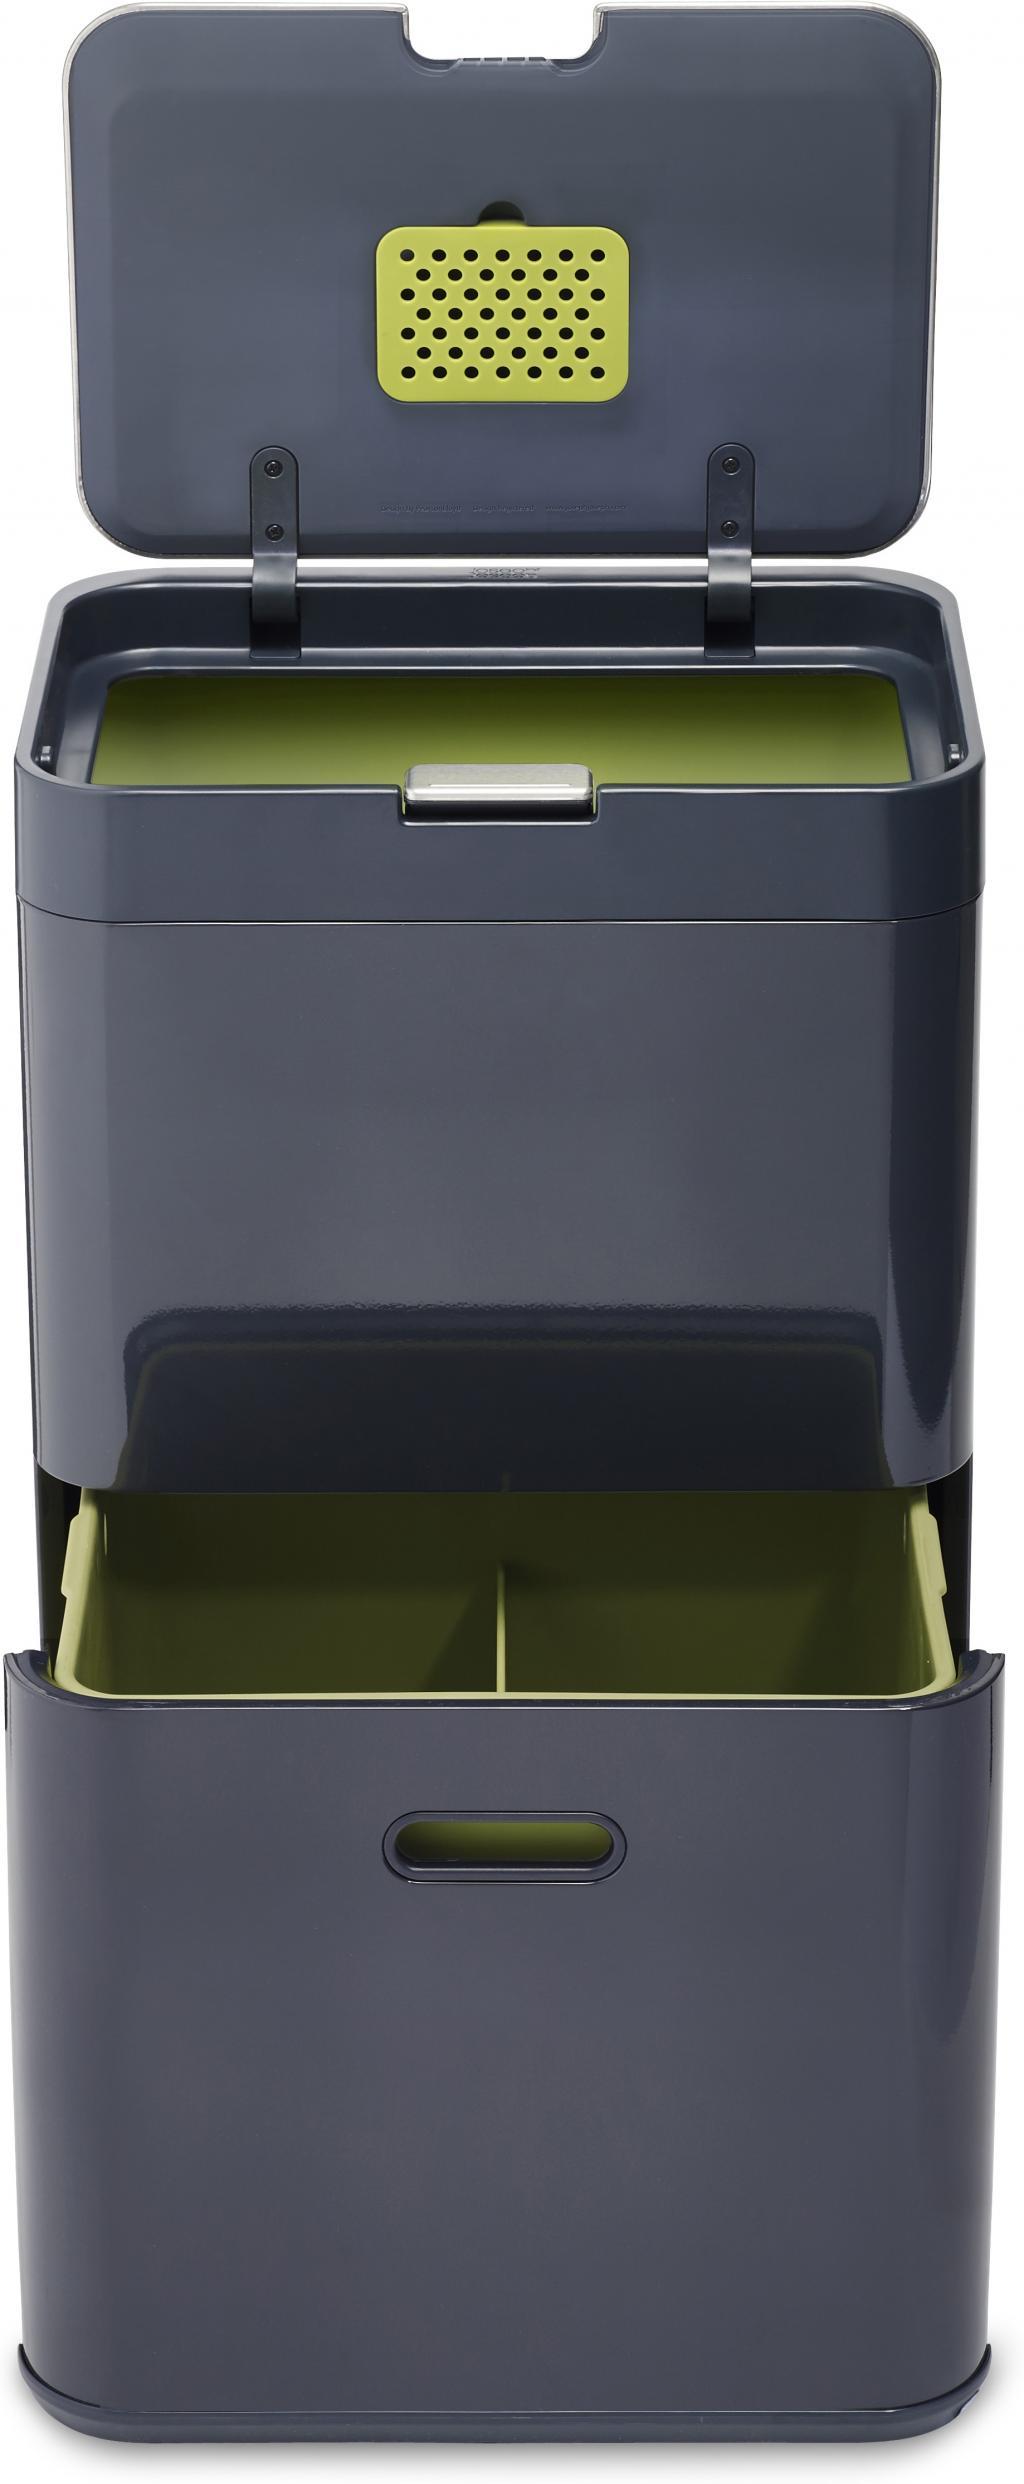 afvalscheidende prullenbak totem 48 liter graphite joseph joseph. Black Bedroom Furniture Sets. Home Design Ideas